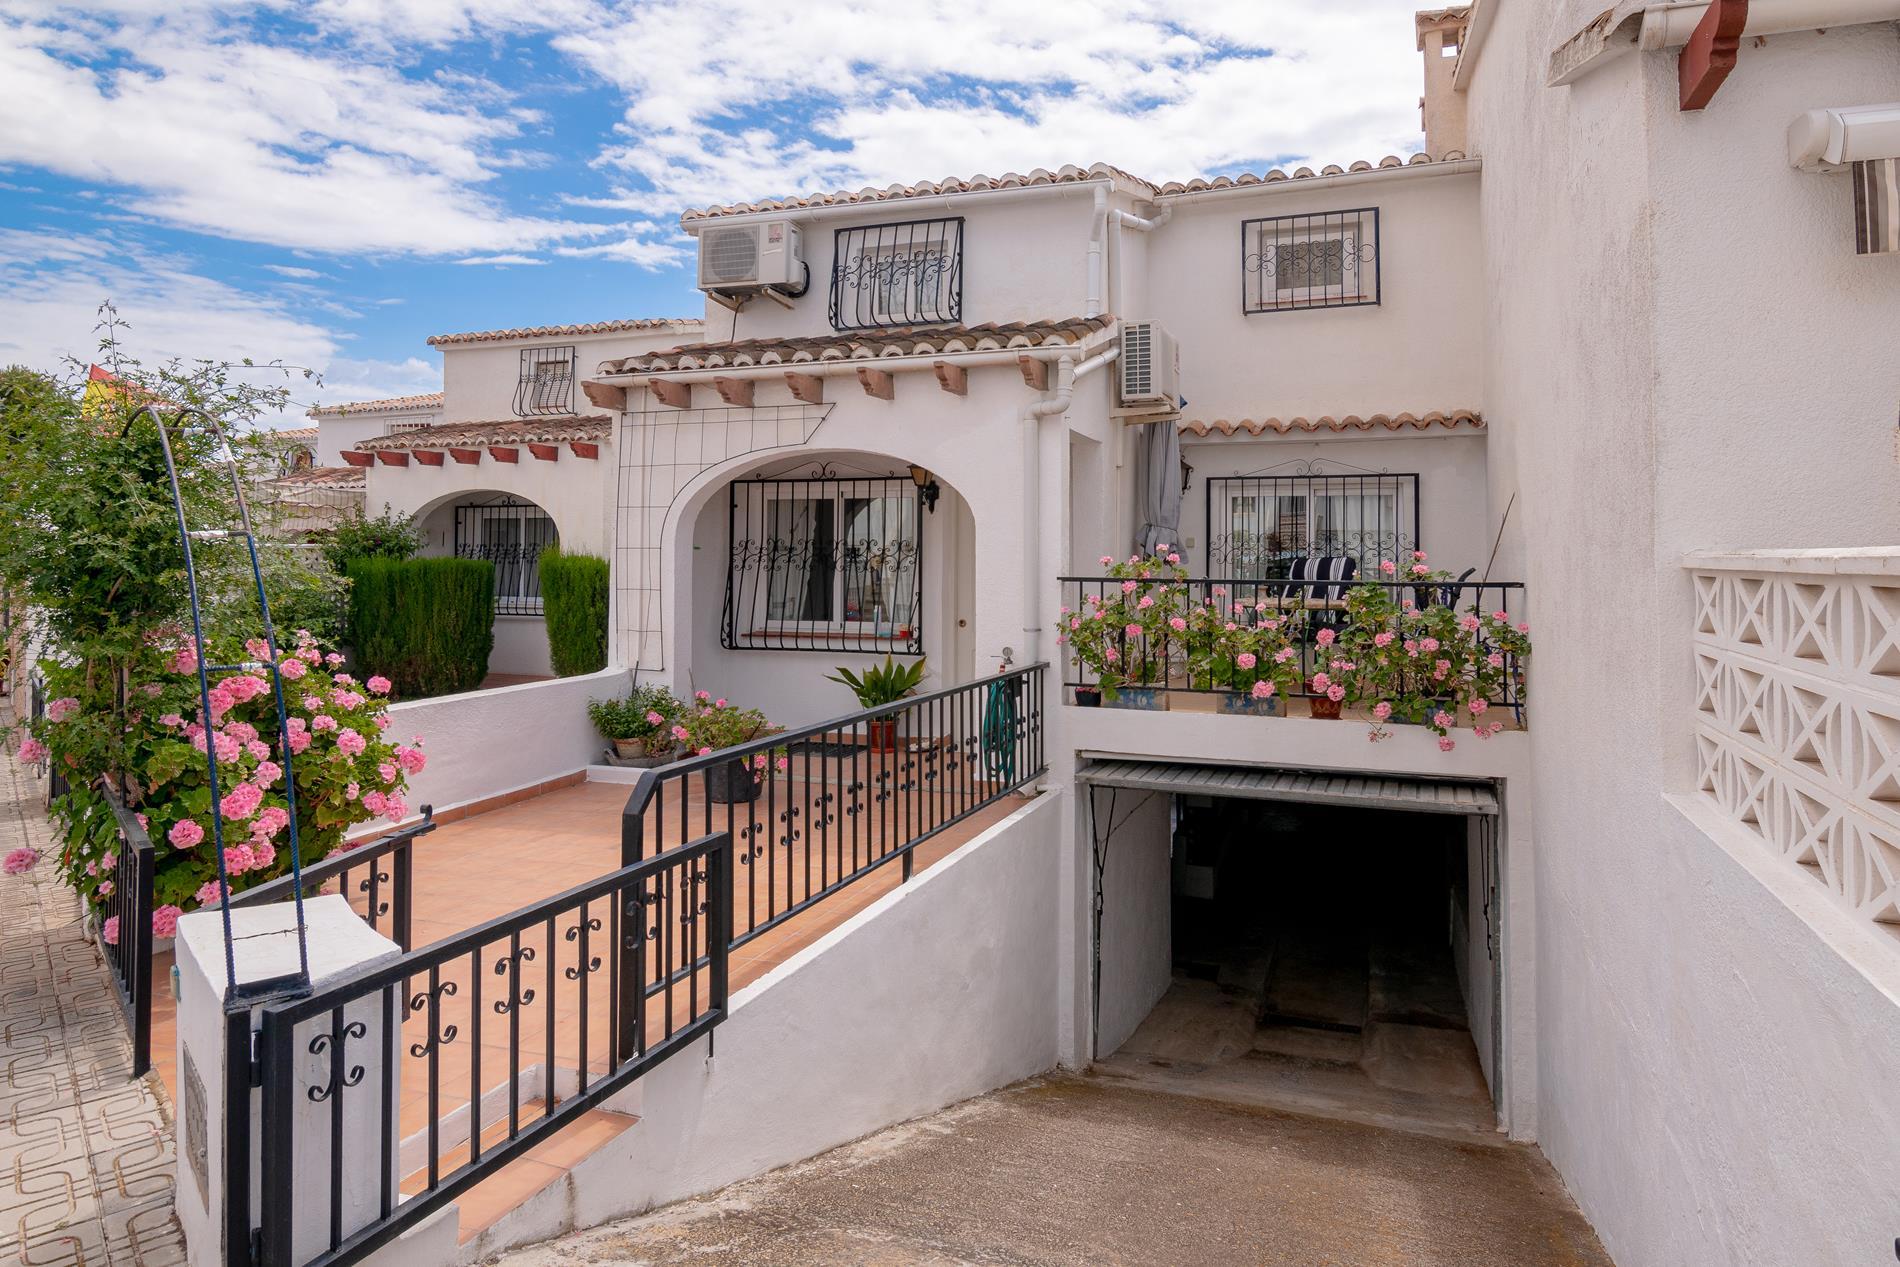 Bungalow en venta en Alfas del Pi, en urbanizacion con piscina